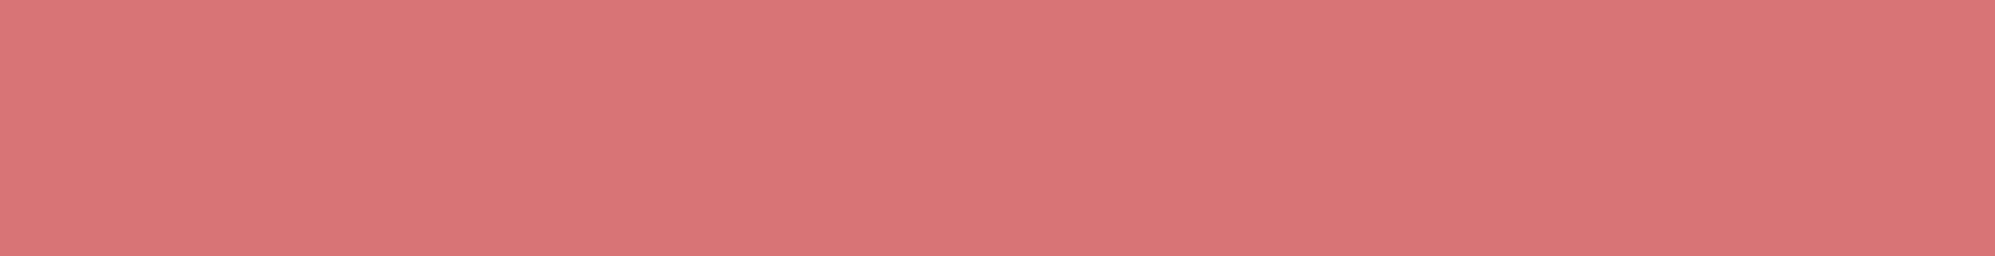 BrianChinn_Logo01_Salmon.png